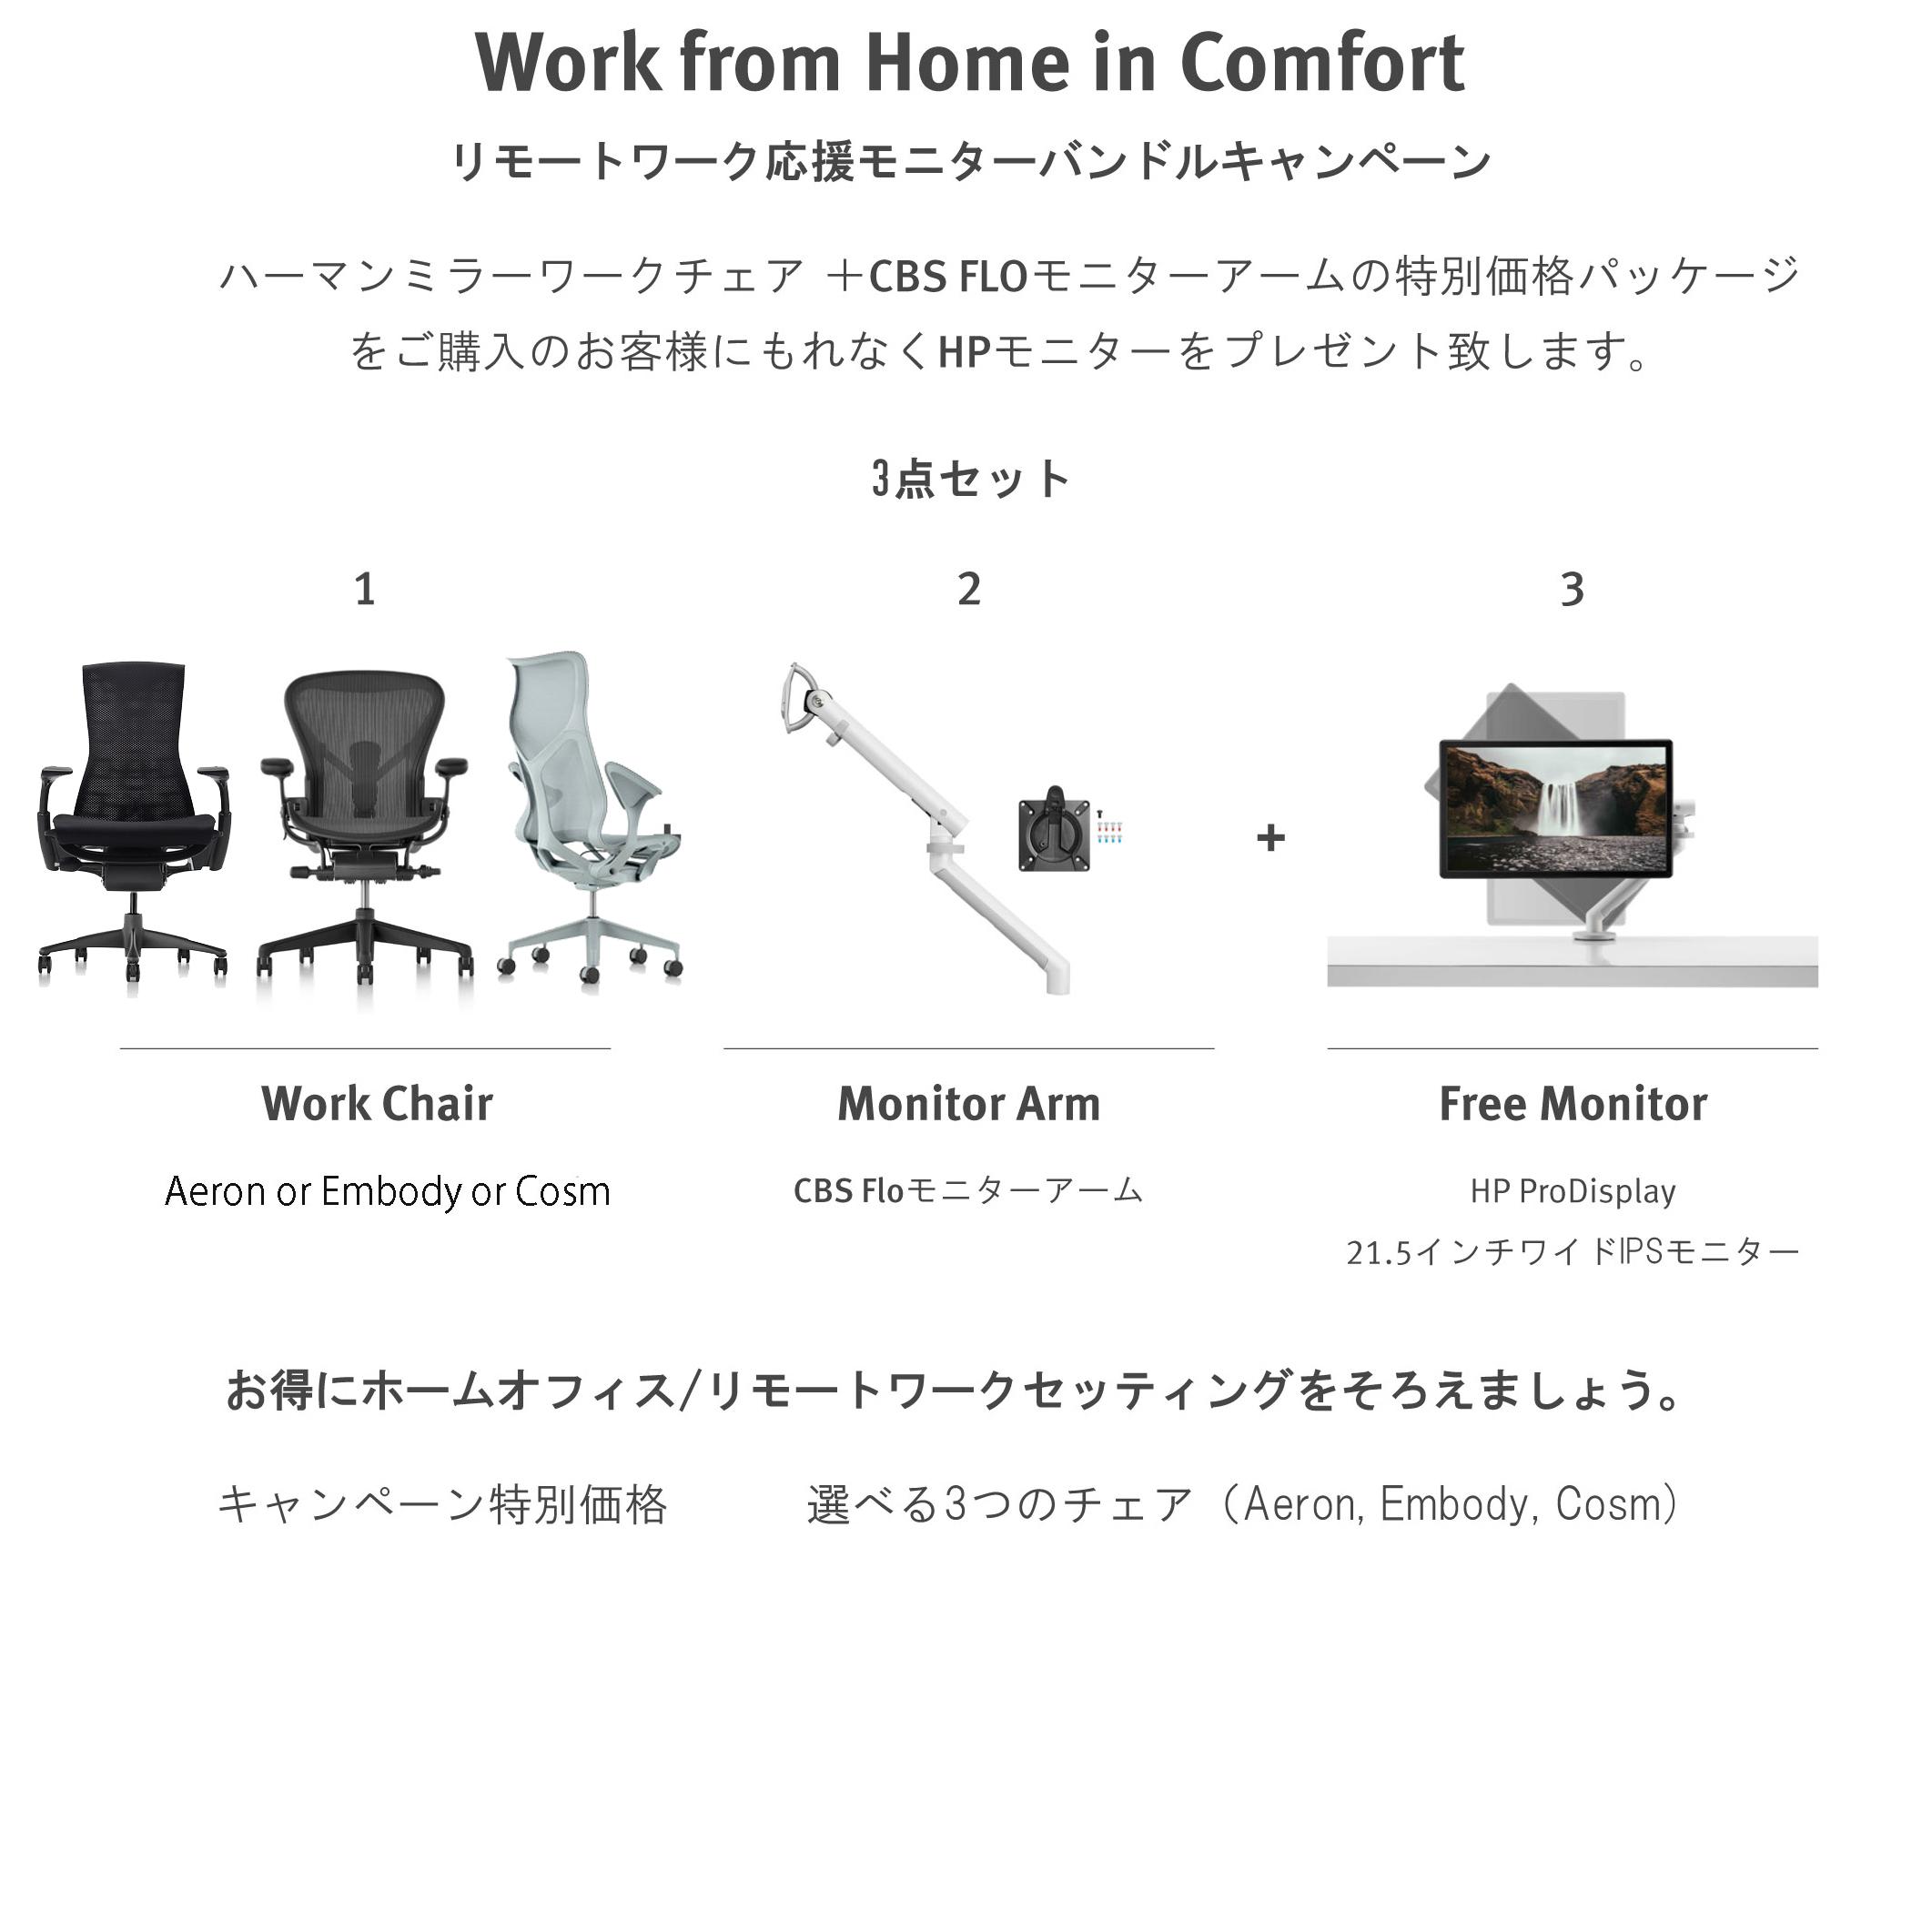 リモートワーク応援キャンペーン詳細